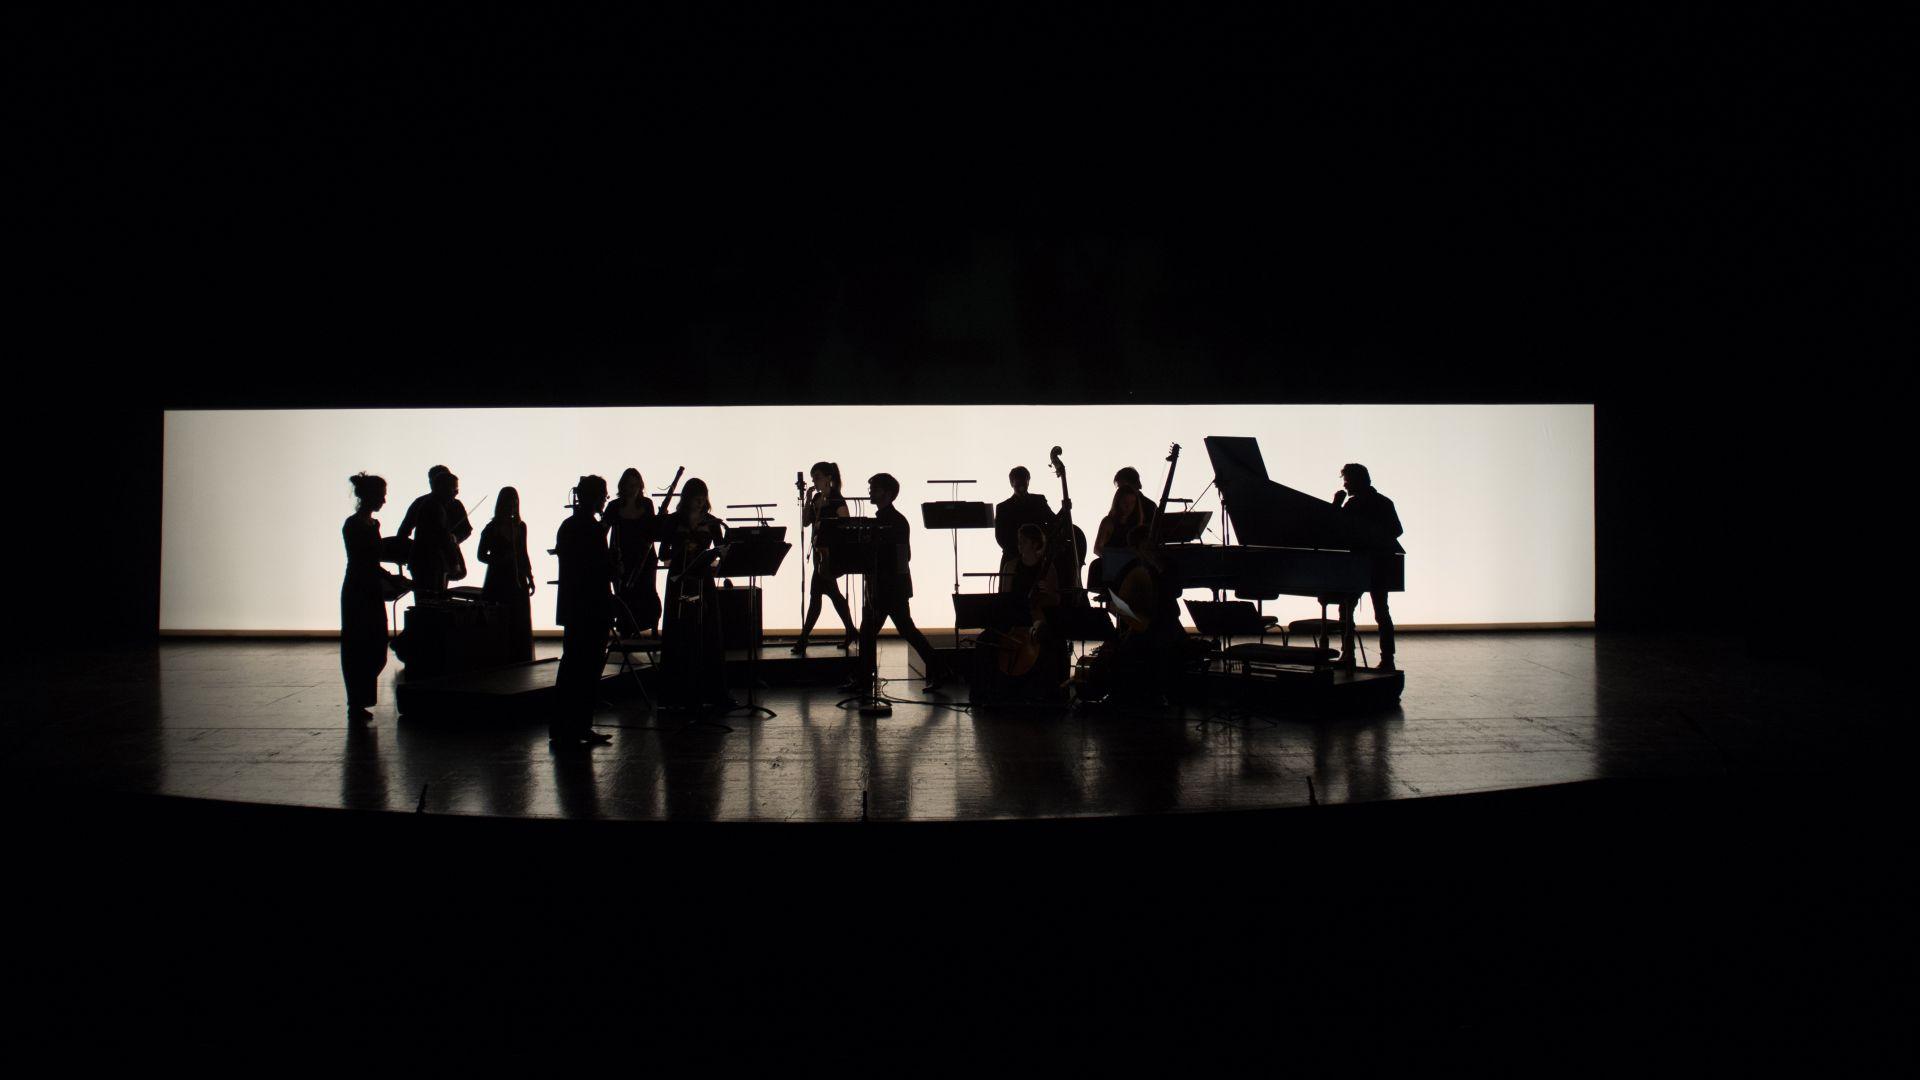 Résidence croisée Les Ombres Centre culturel de rencontre d'Ambronay